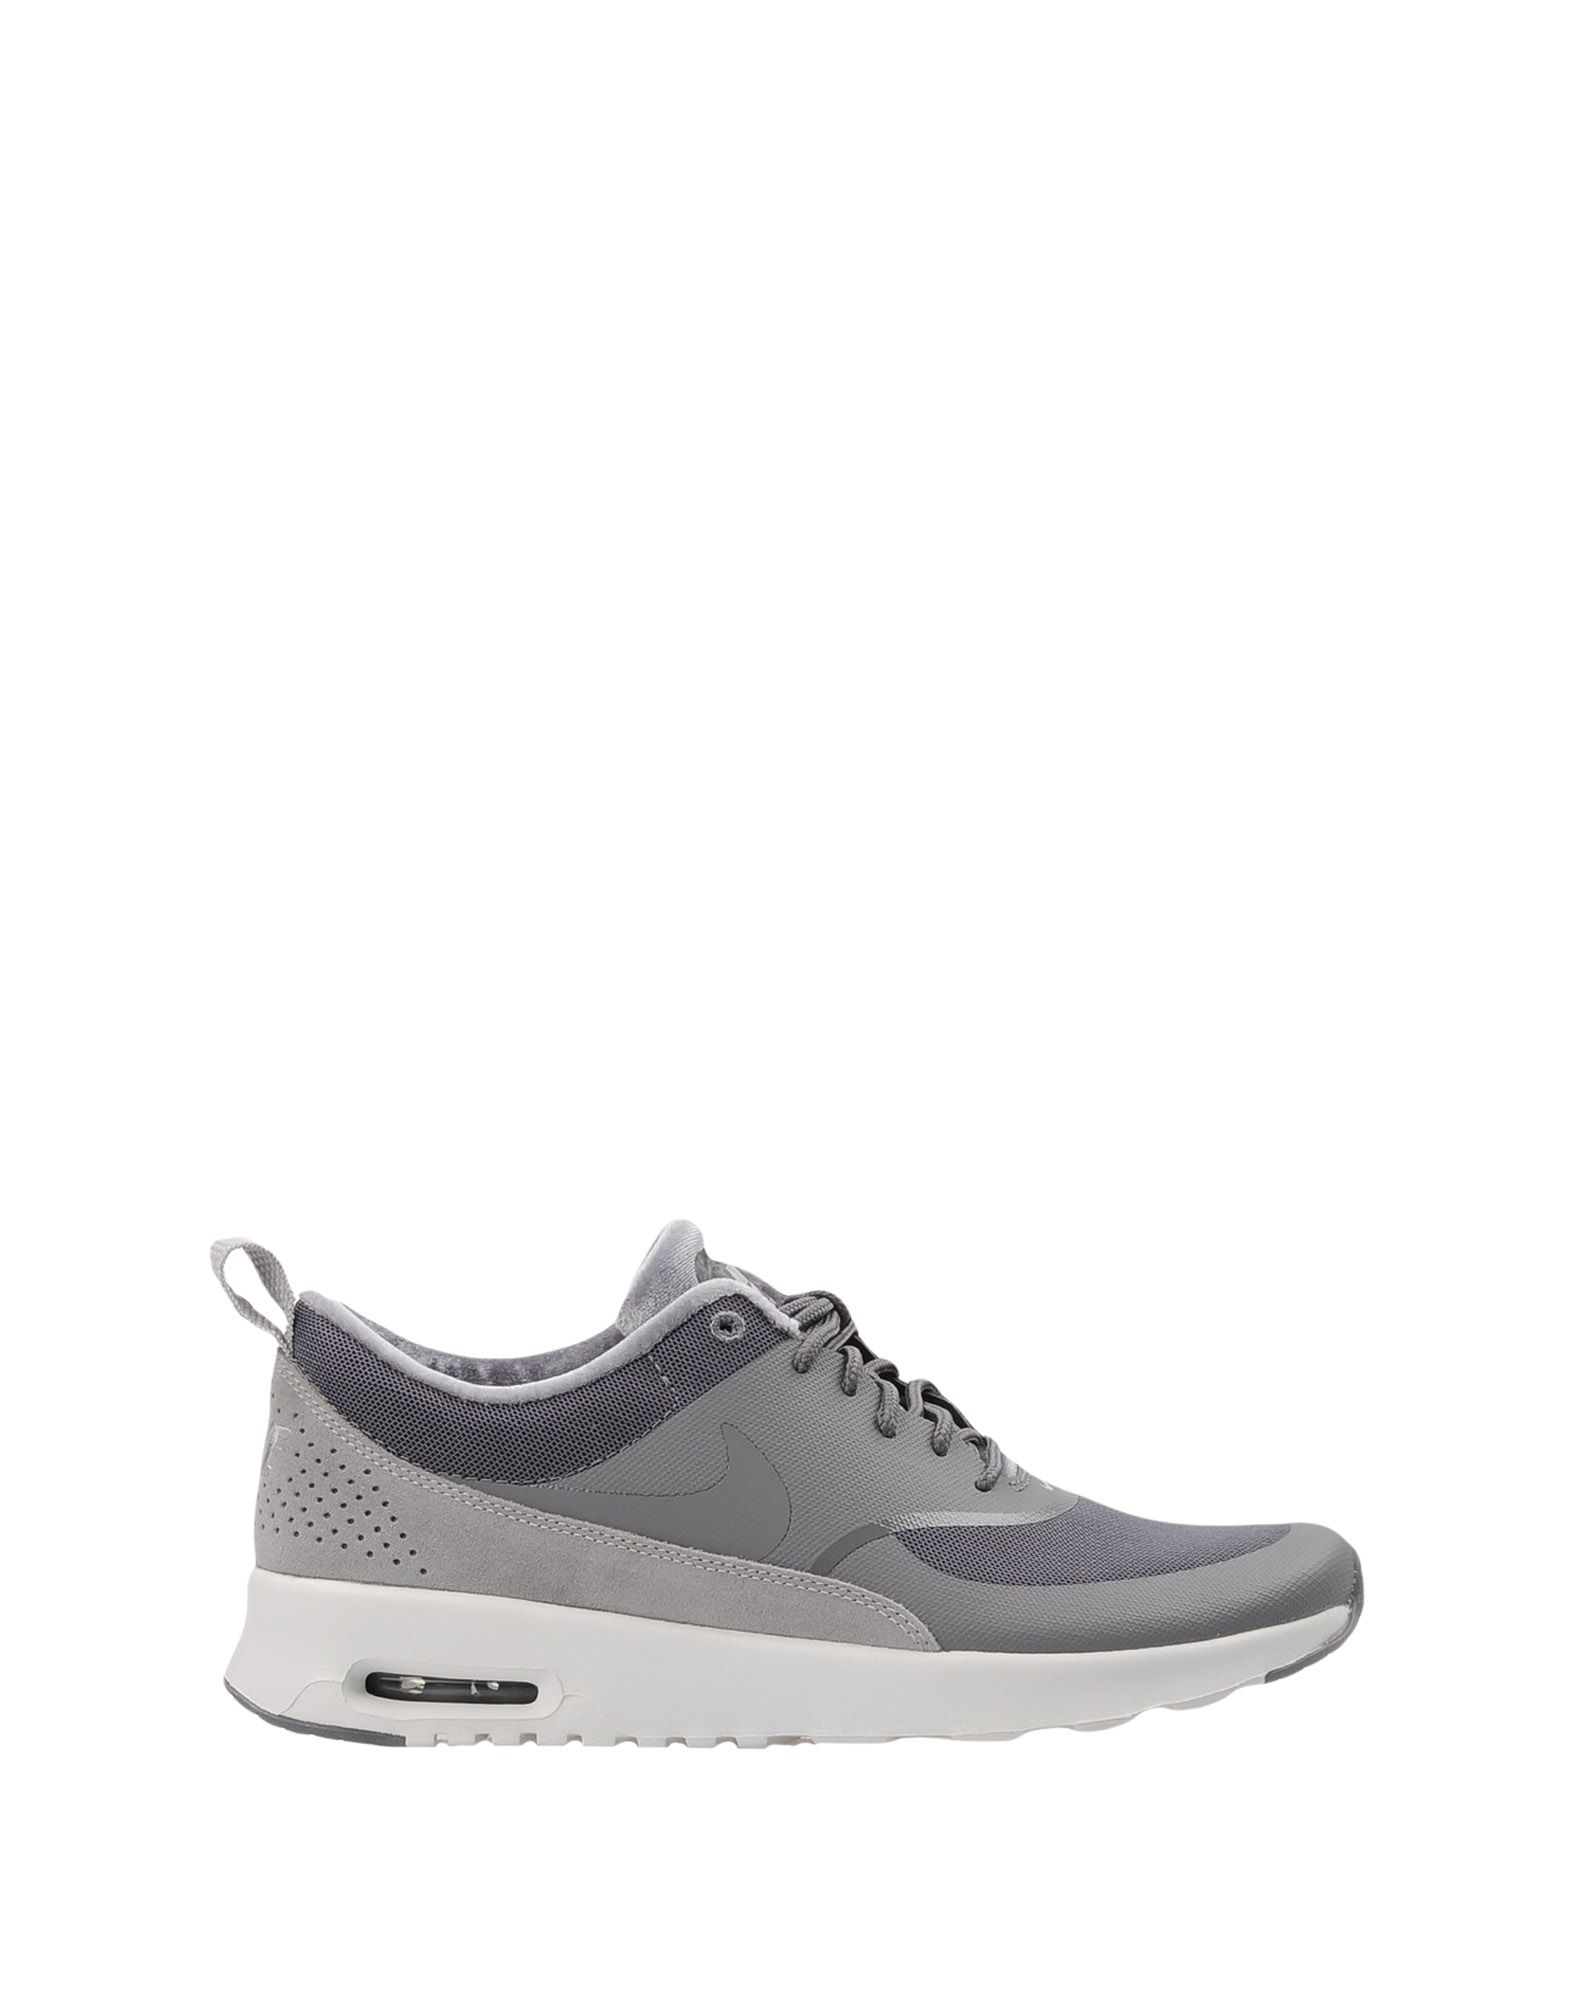 Nike   Air  Max Thea Lux  Air 11442170VR Gute Qualität beliebte Schuhe 234765